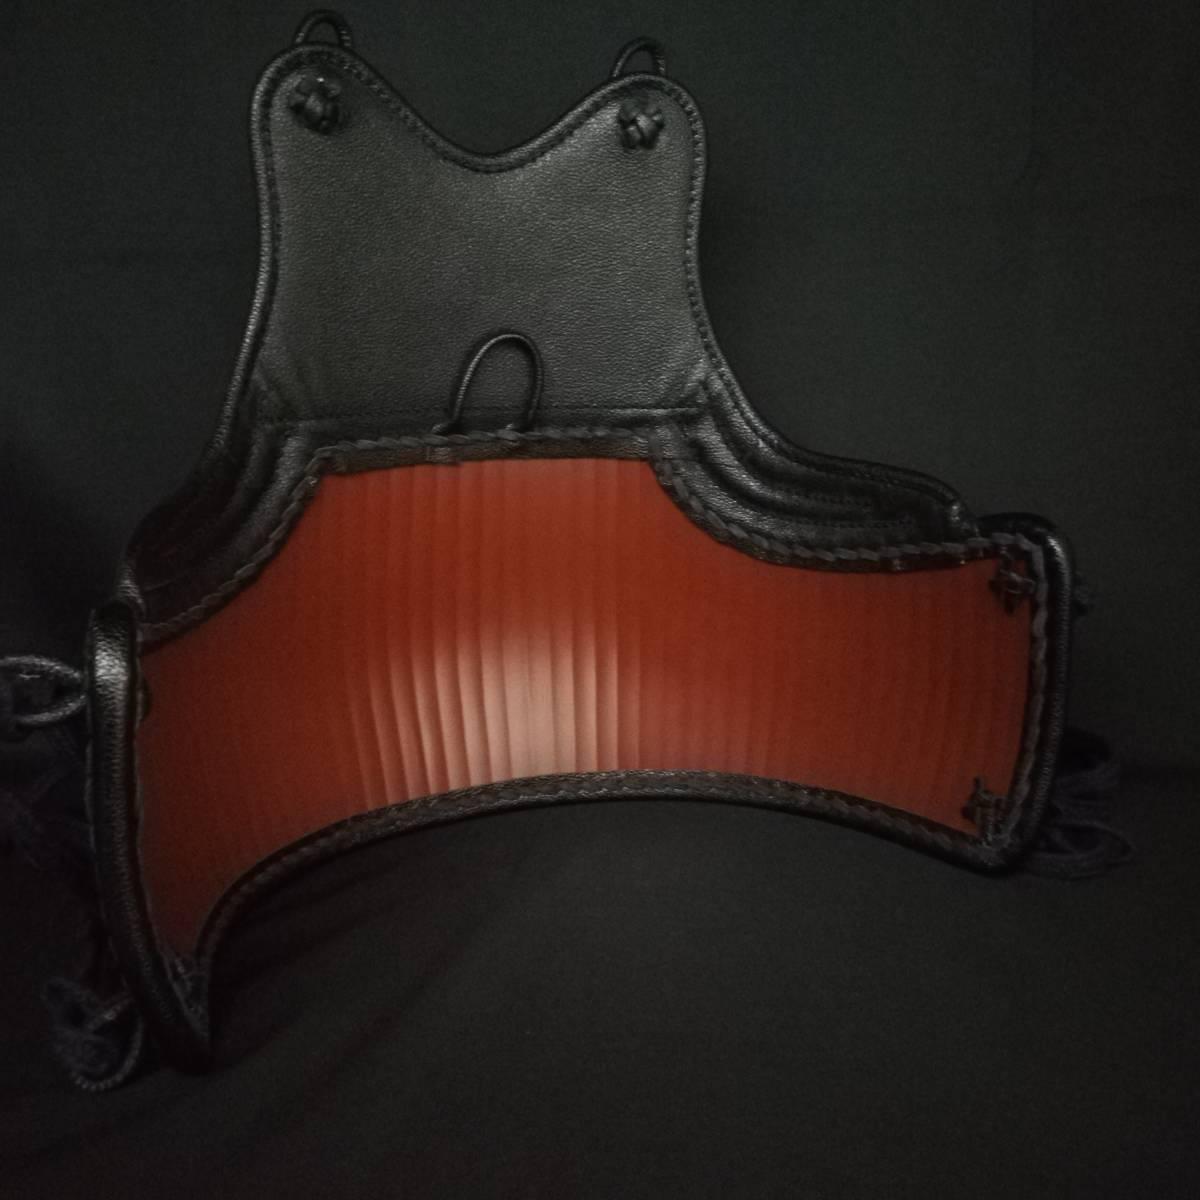 黒石目50本型胴 ベタナナメ刺 胸は腕の動きを妨げないえぐり仕様 サイズM/L 胴紐付き 新品未使用_画像4